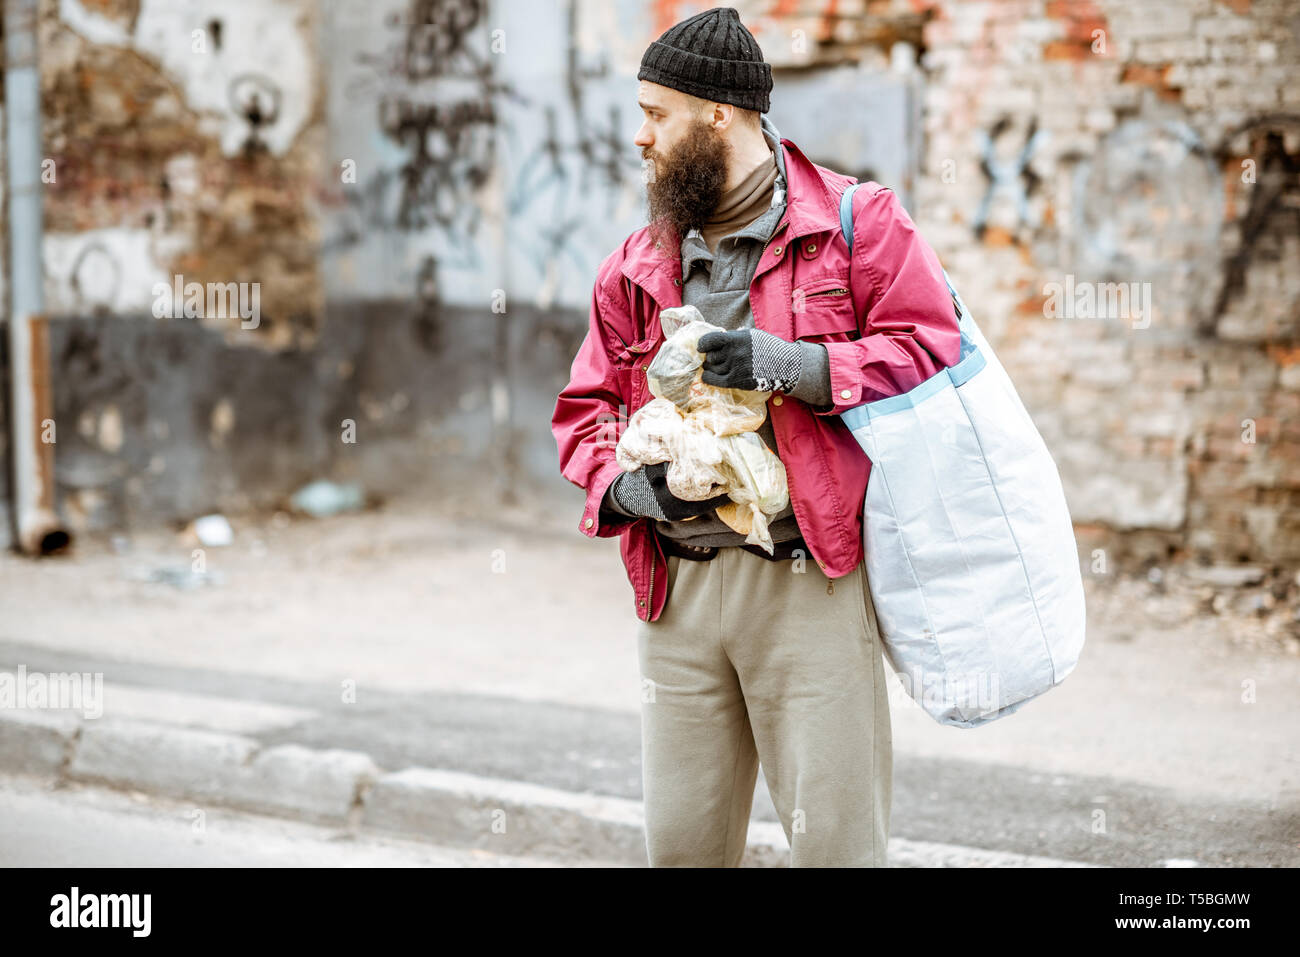 Poverty Ragged Poor Fotos e Imágenes de stock Alamy